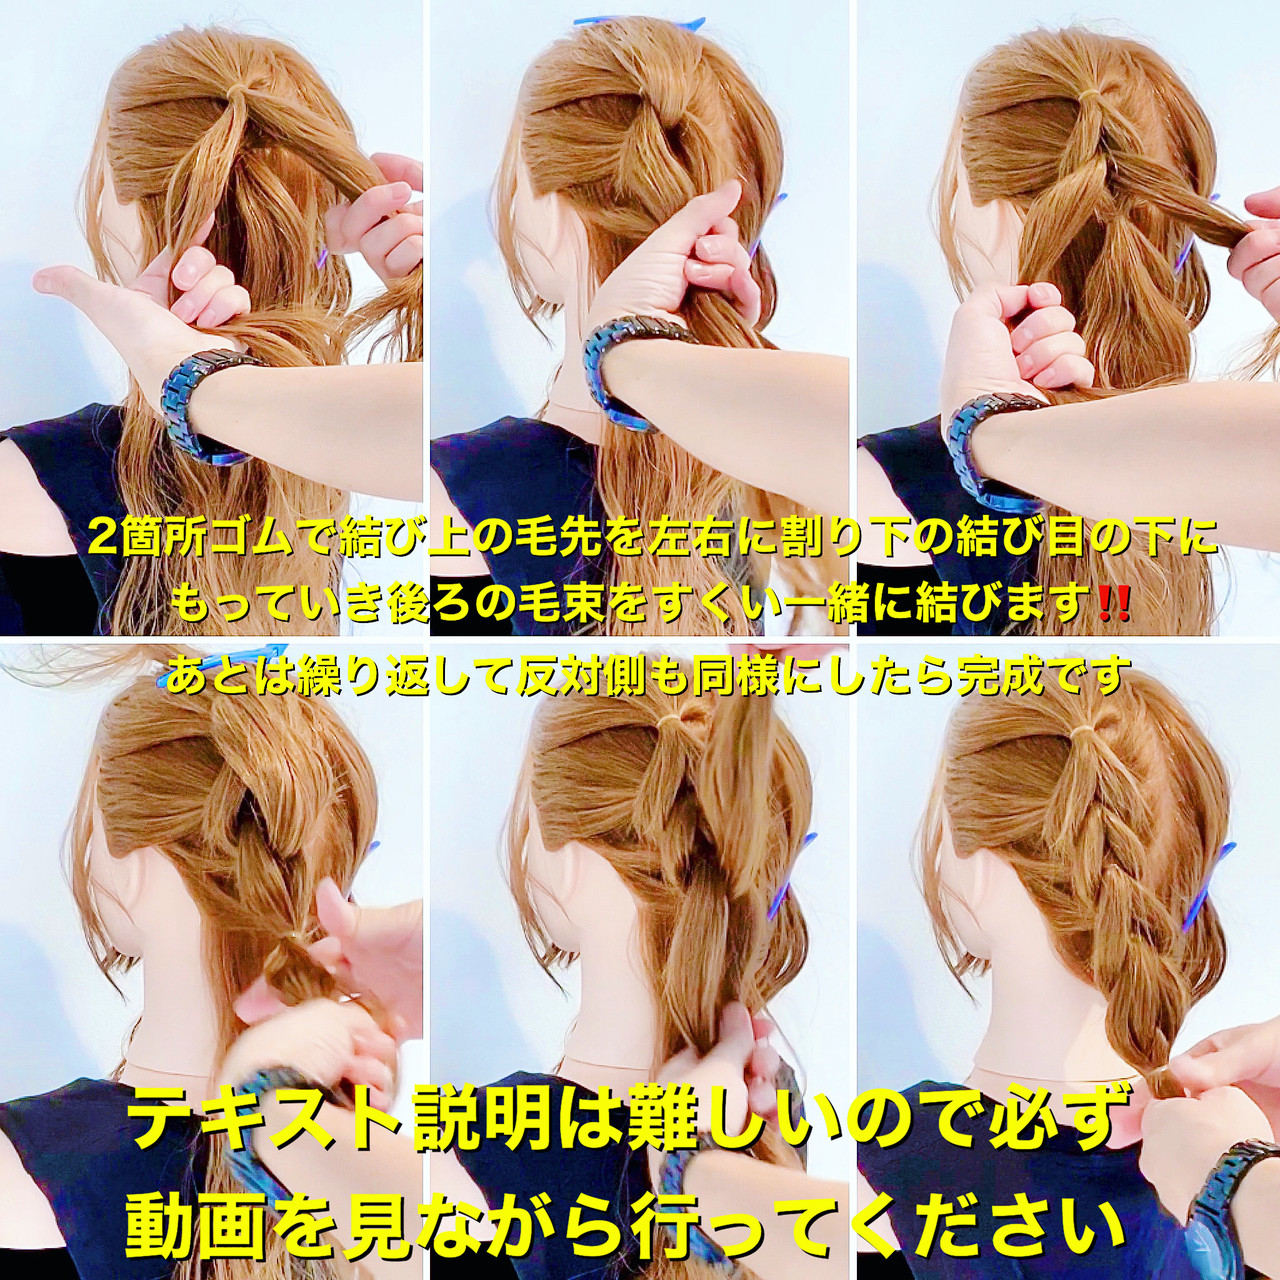 ヘアセット セルフヘアアレンジ ロング ヘアアレンジ ヘアスタイルや髪型の写真・画像 | 美容師HIRO/Amoute代表 / Amoute/アムティ